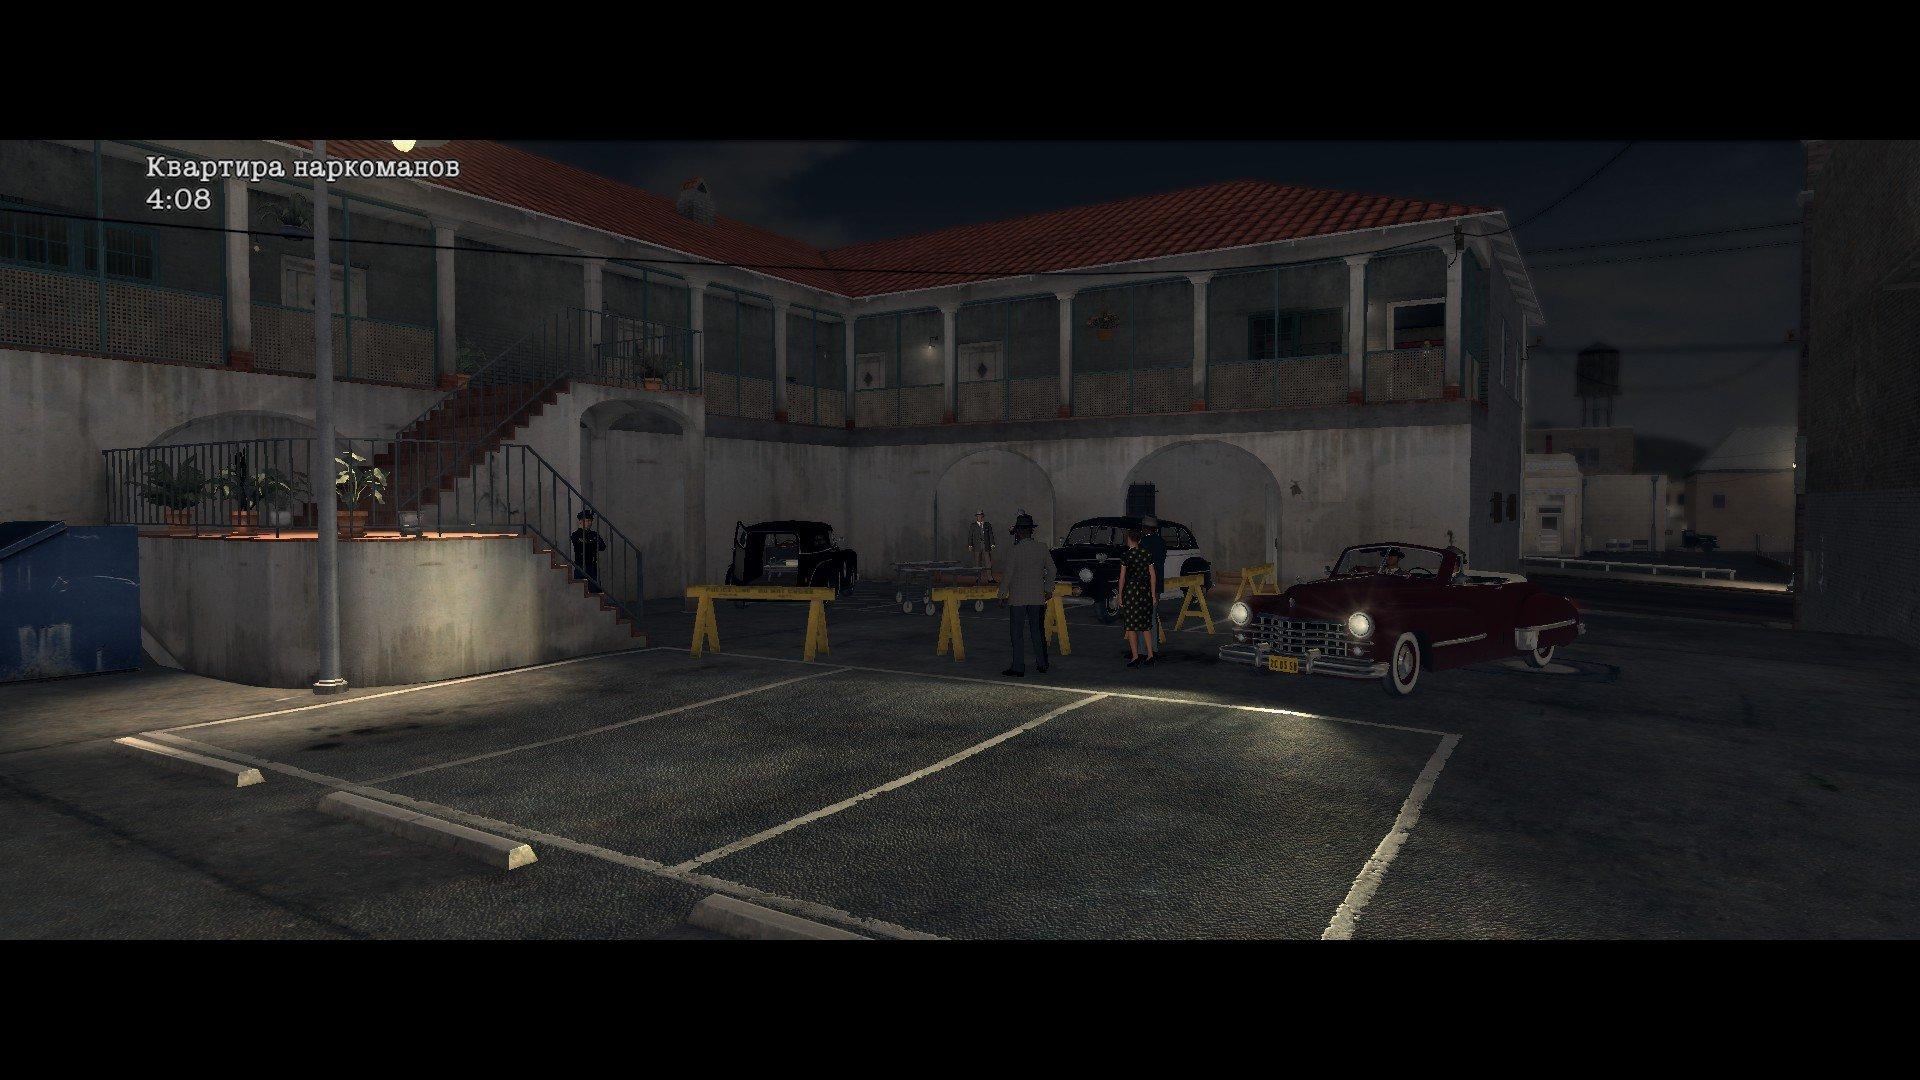 Пост-прохождение L.A. Noire Часть 14 - Изображение 7